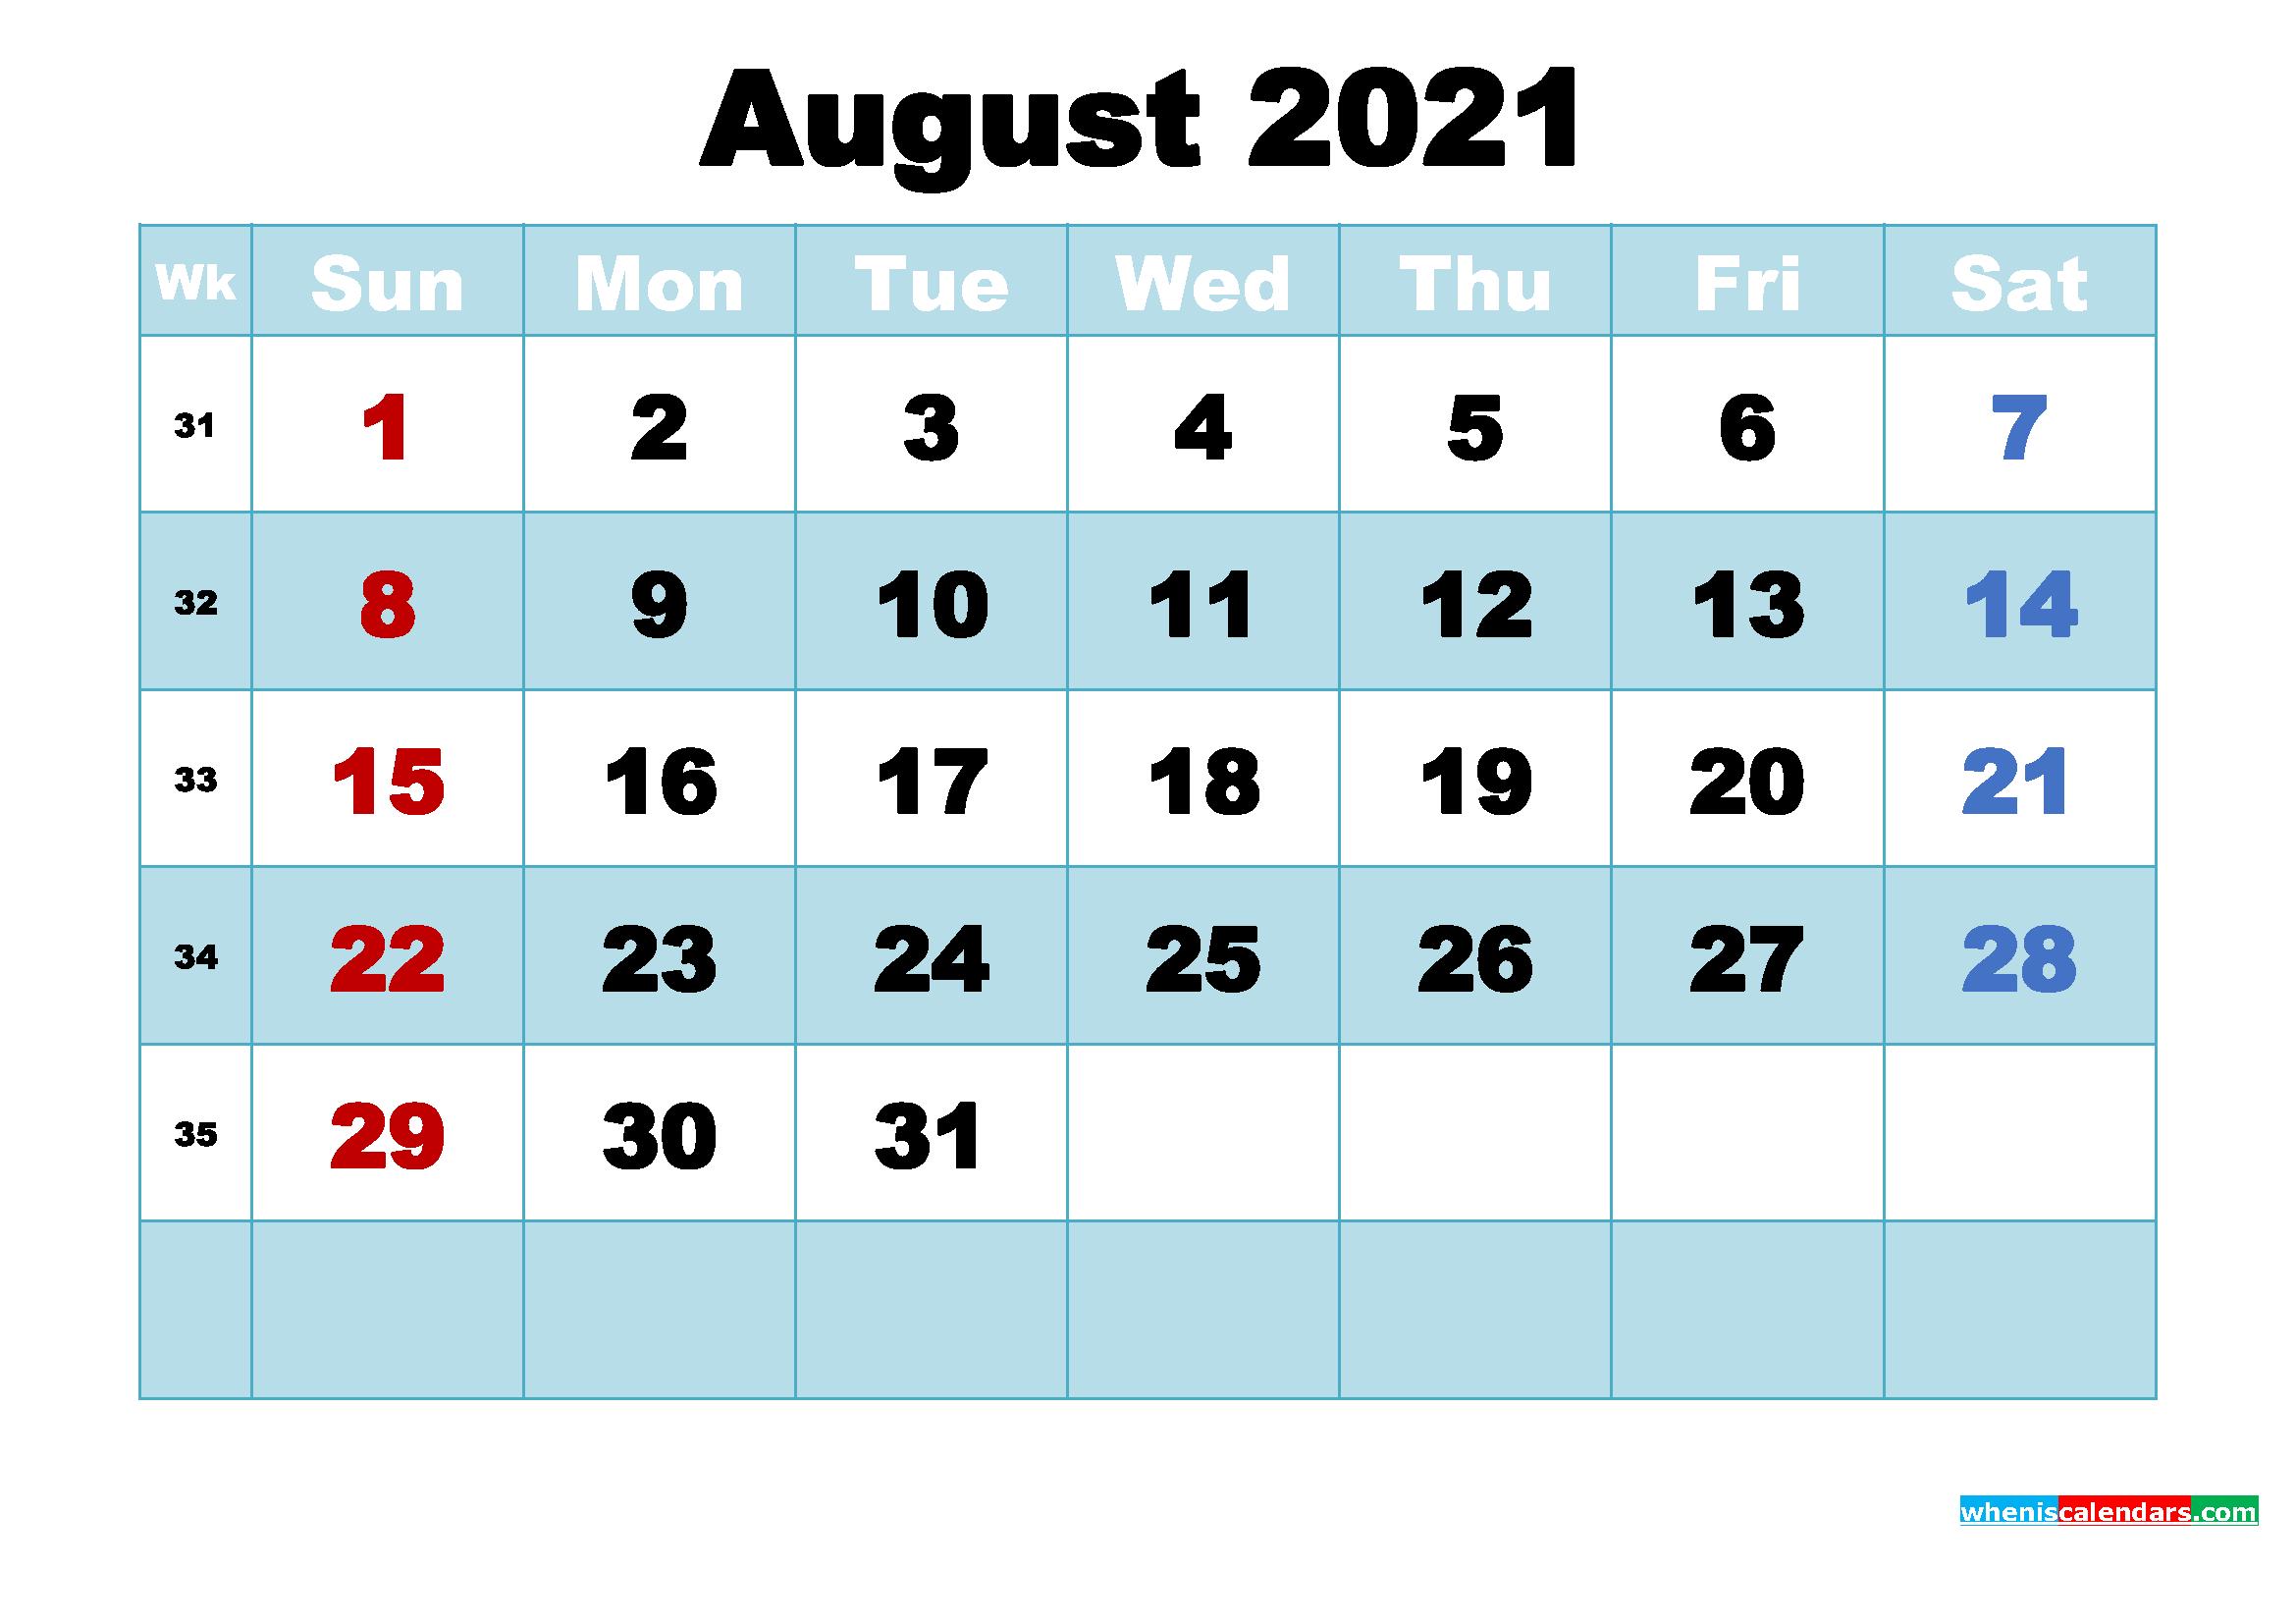 August 2021 Calendar Wallpaper High Resolution